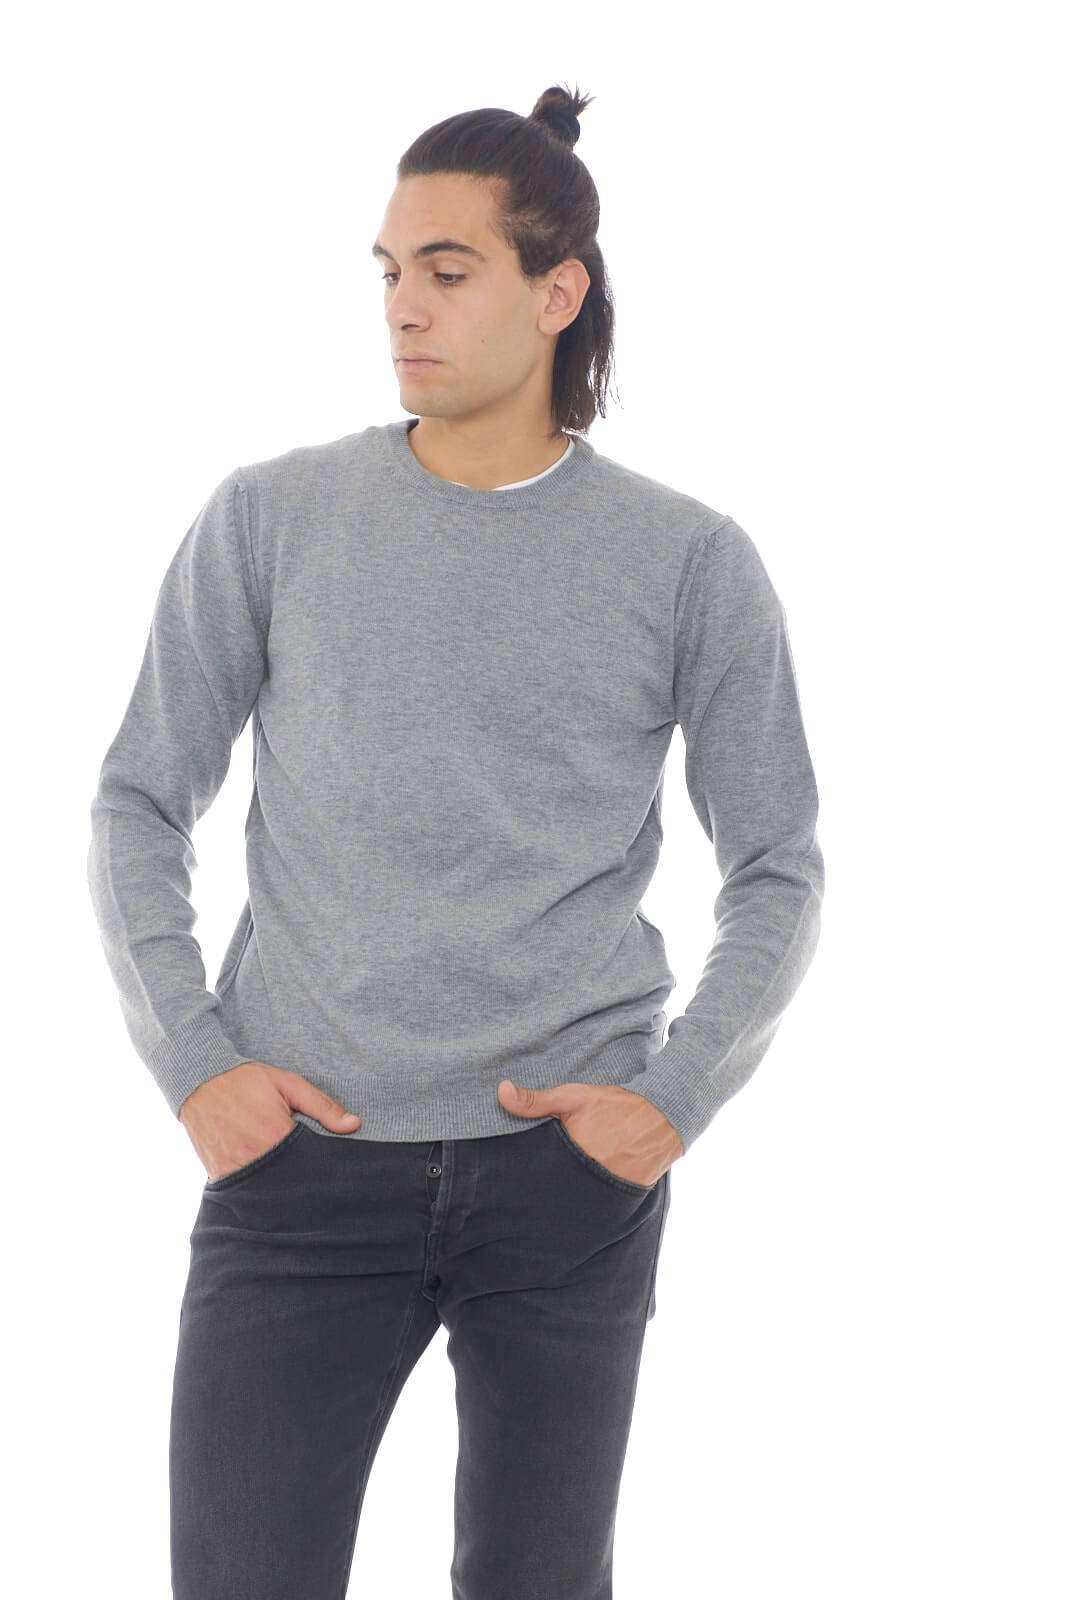 Un caldo maglioncino in lana quello firmato Kaos.  Perfetto per le tue occasioni più casual, dove sfoggerai un capo semplice ma curato.  Per l'uomo che ama la semplicità.    Il modello è alto 1,90m e indossa la taglia XL.